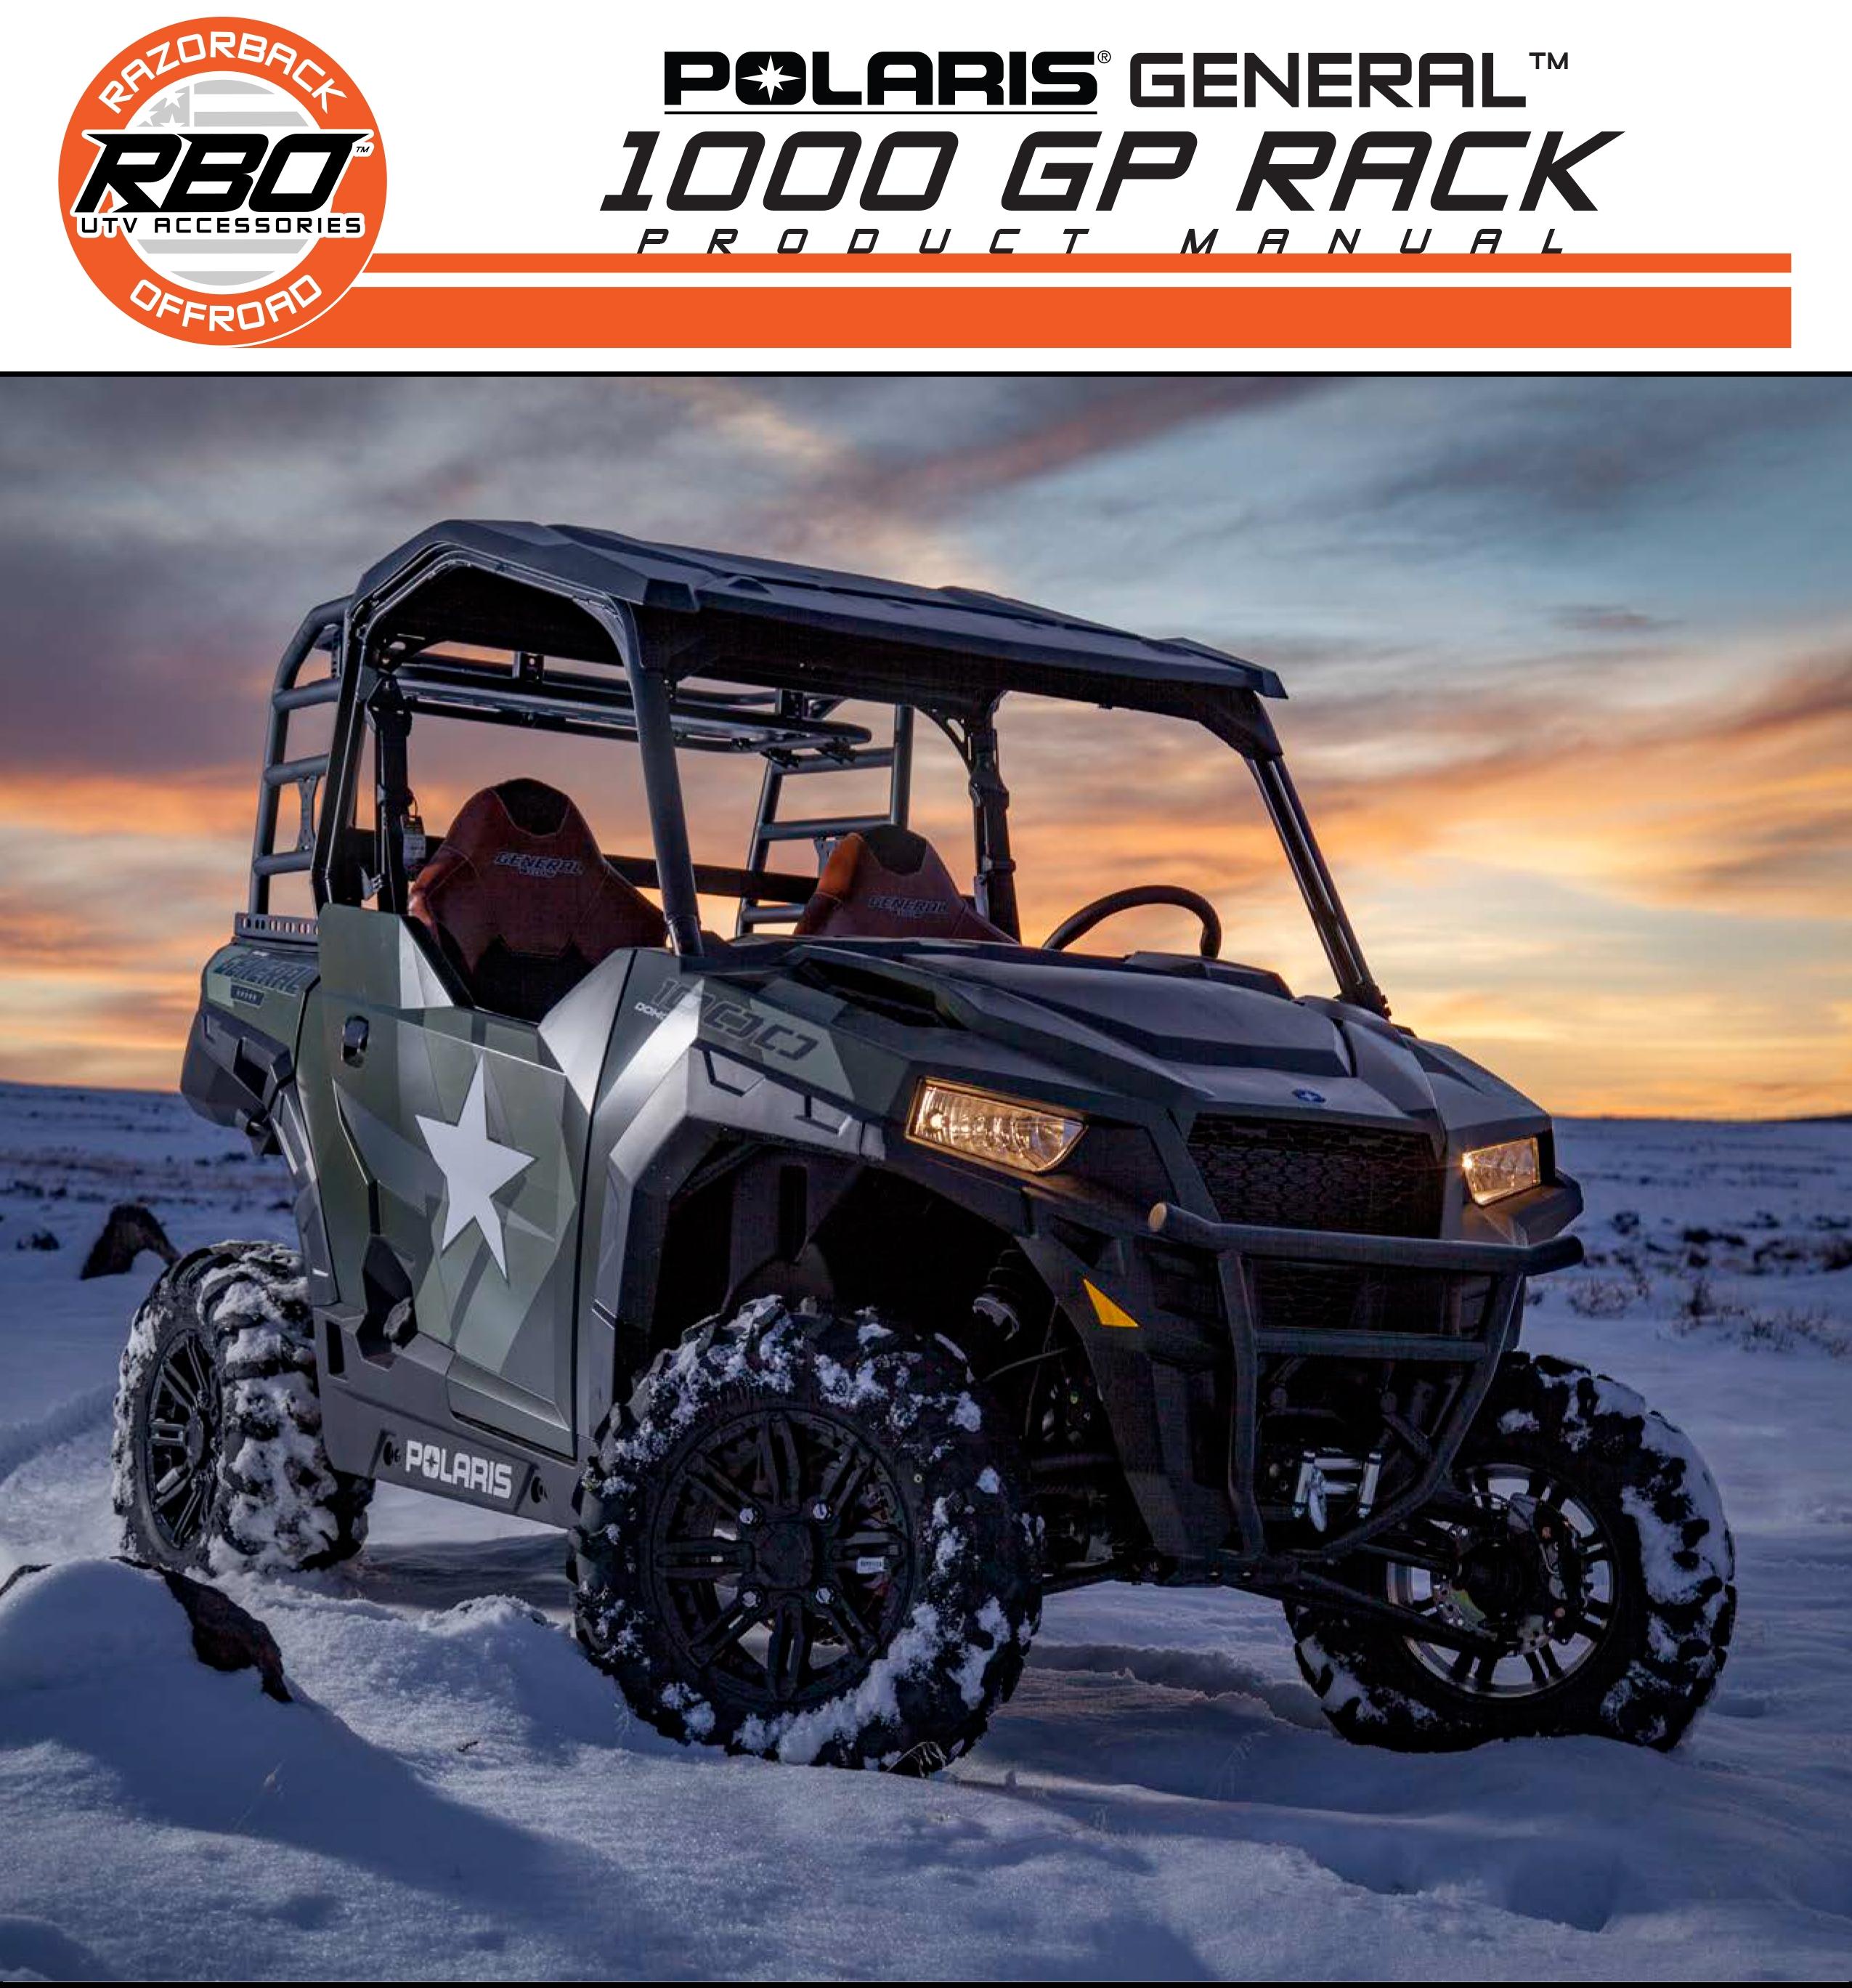 RBO Polaris General 1000 GP Rack Product Manual